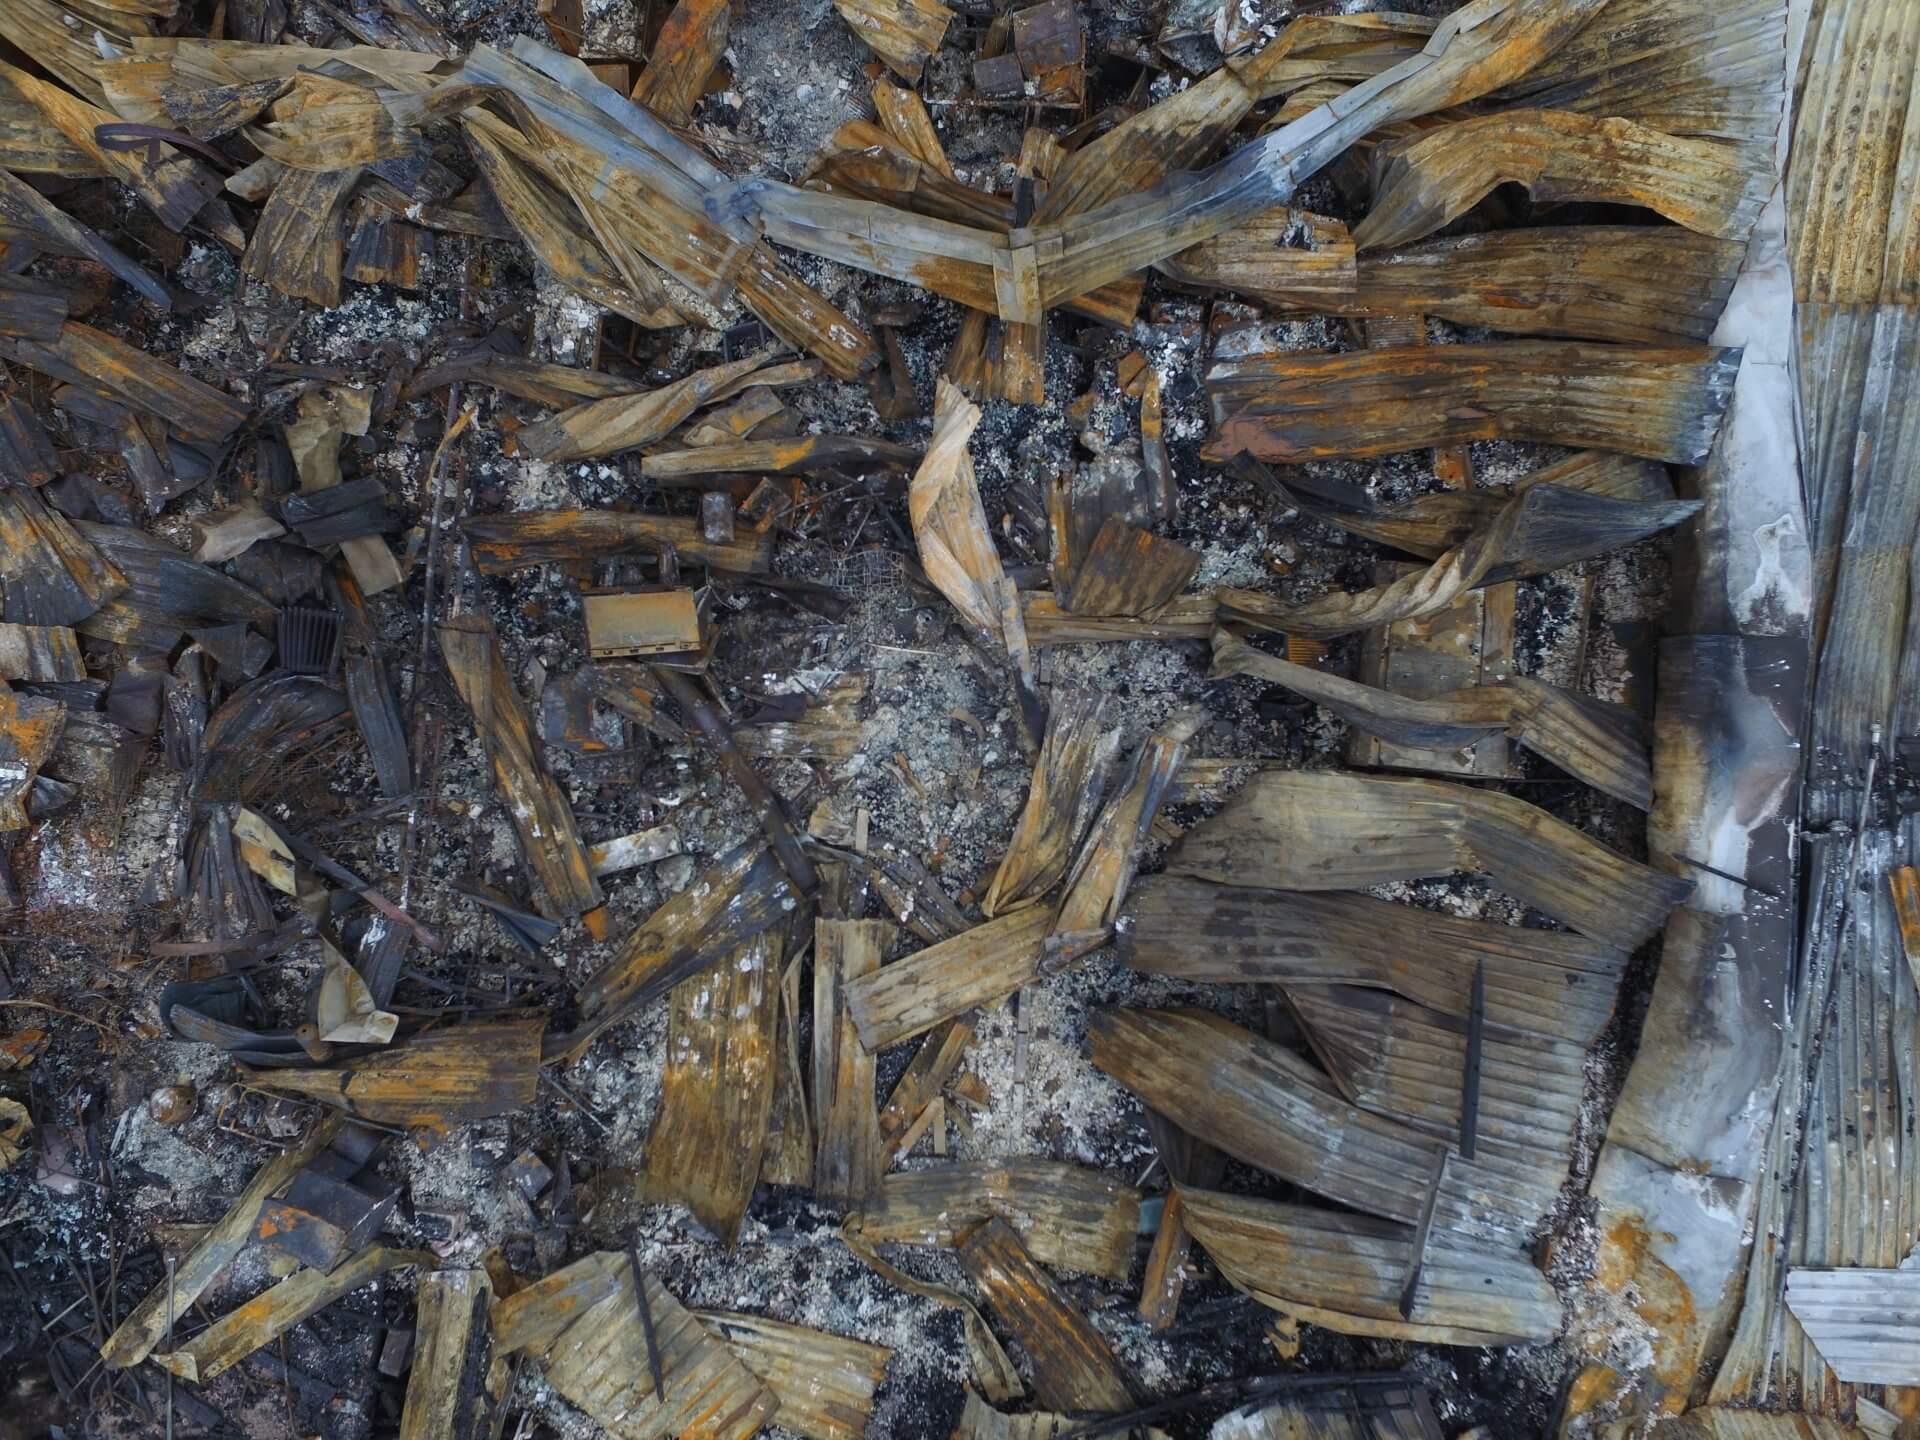 CRGP Aerial Drone Survey fire damage